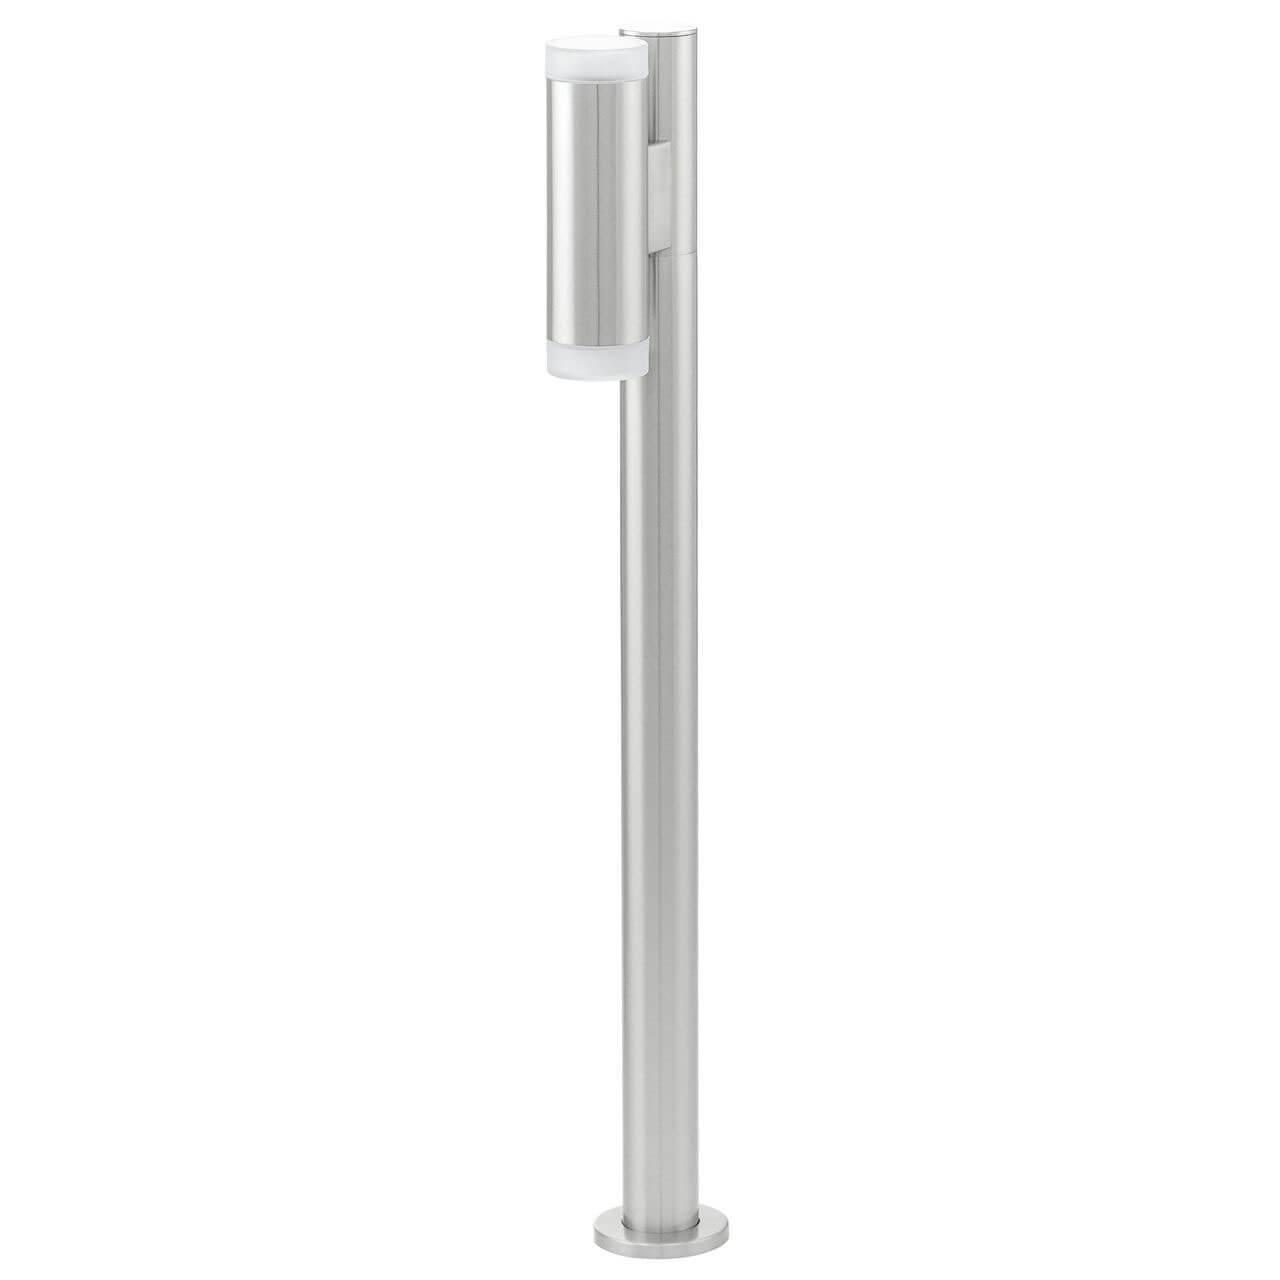 Уличный светильник Eglo 92738, GU10 все цены